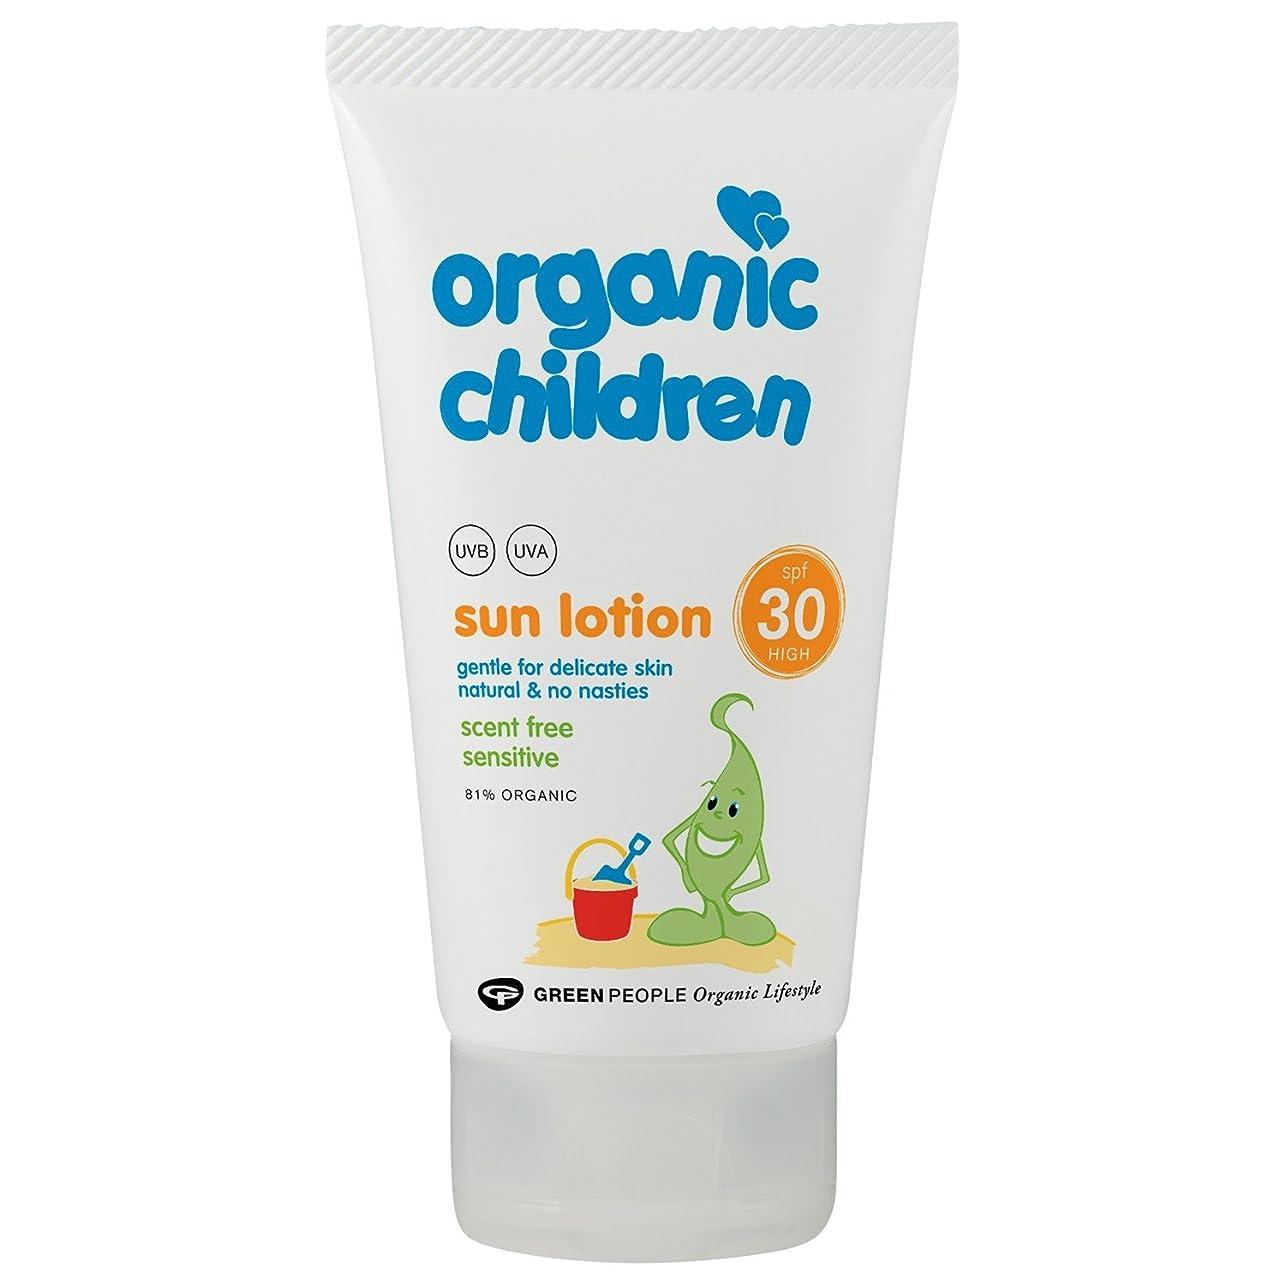 大脳柱維持する有機子どもたちは30日のローション150グラムを x4 - Organic Children SPF 30 Sun Lotion 150g (Pack of 4) [並行輸入品]